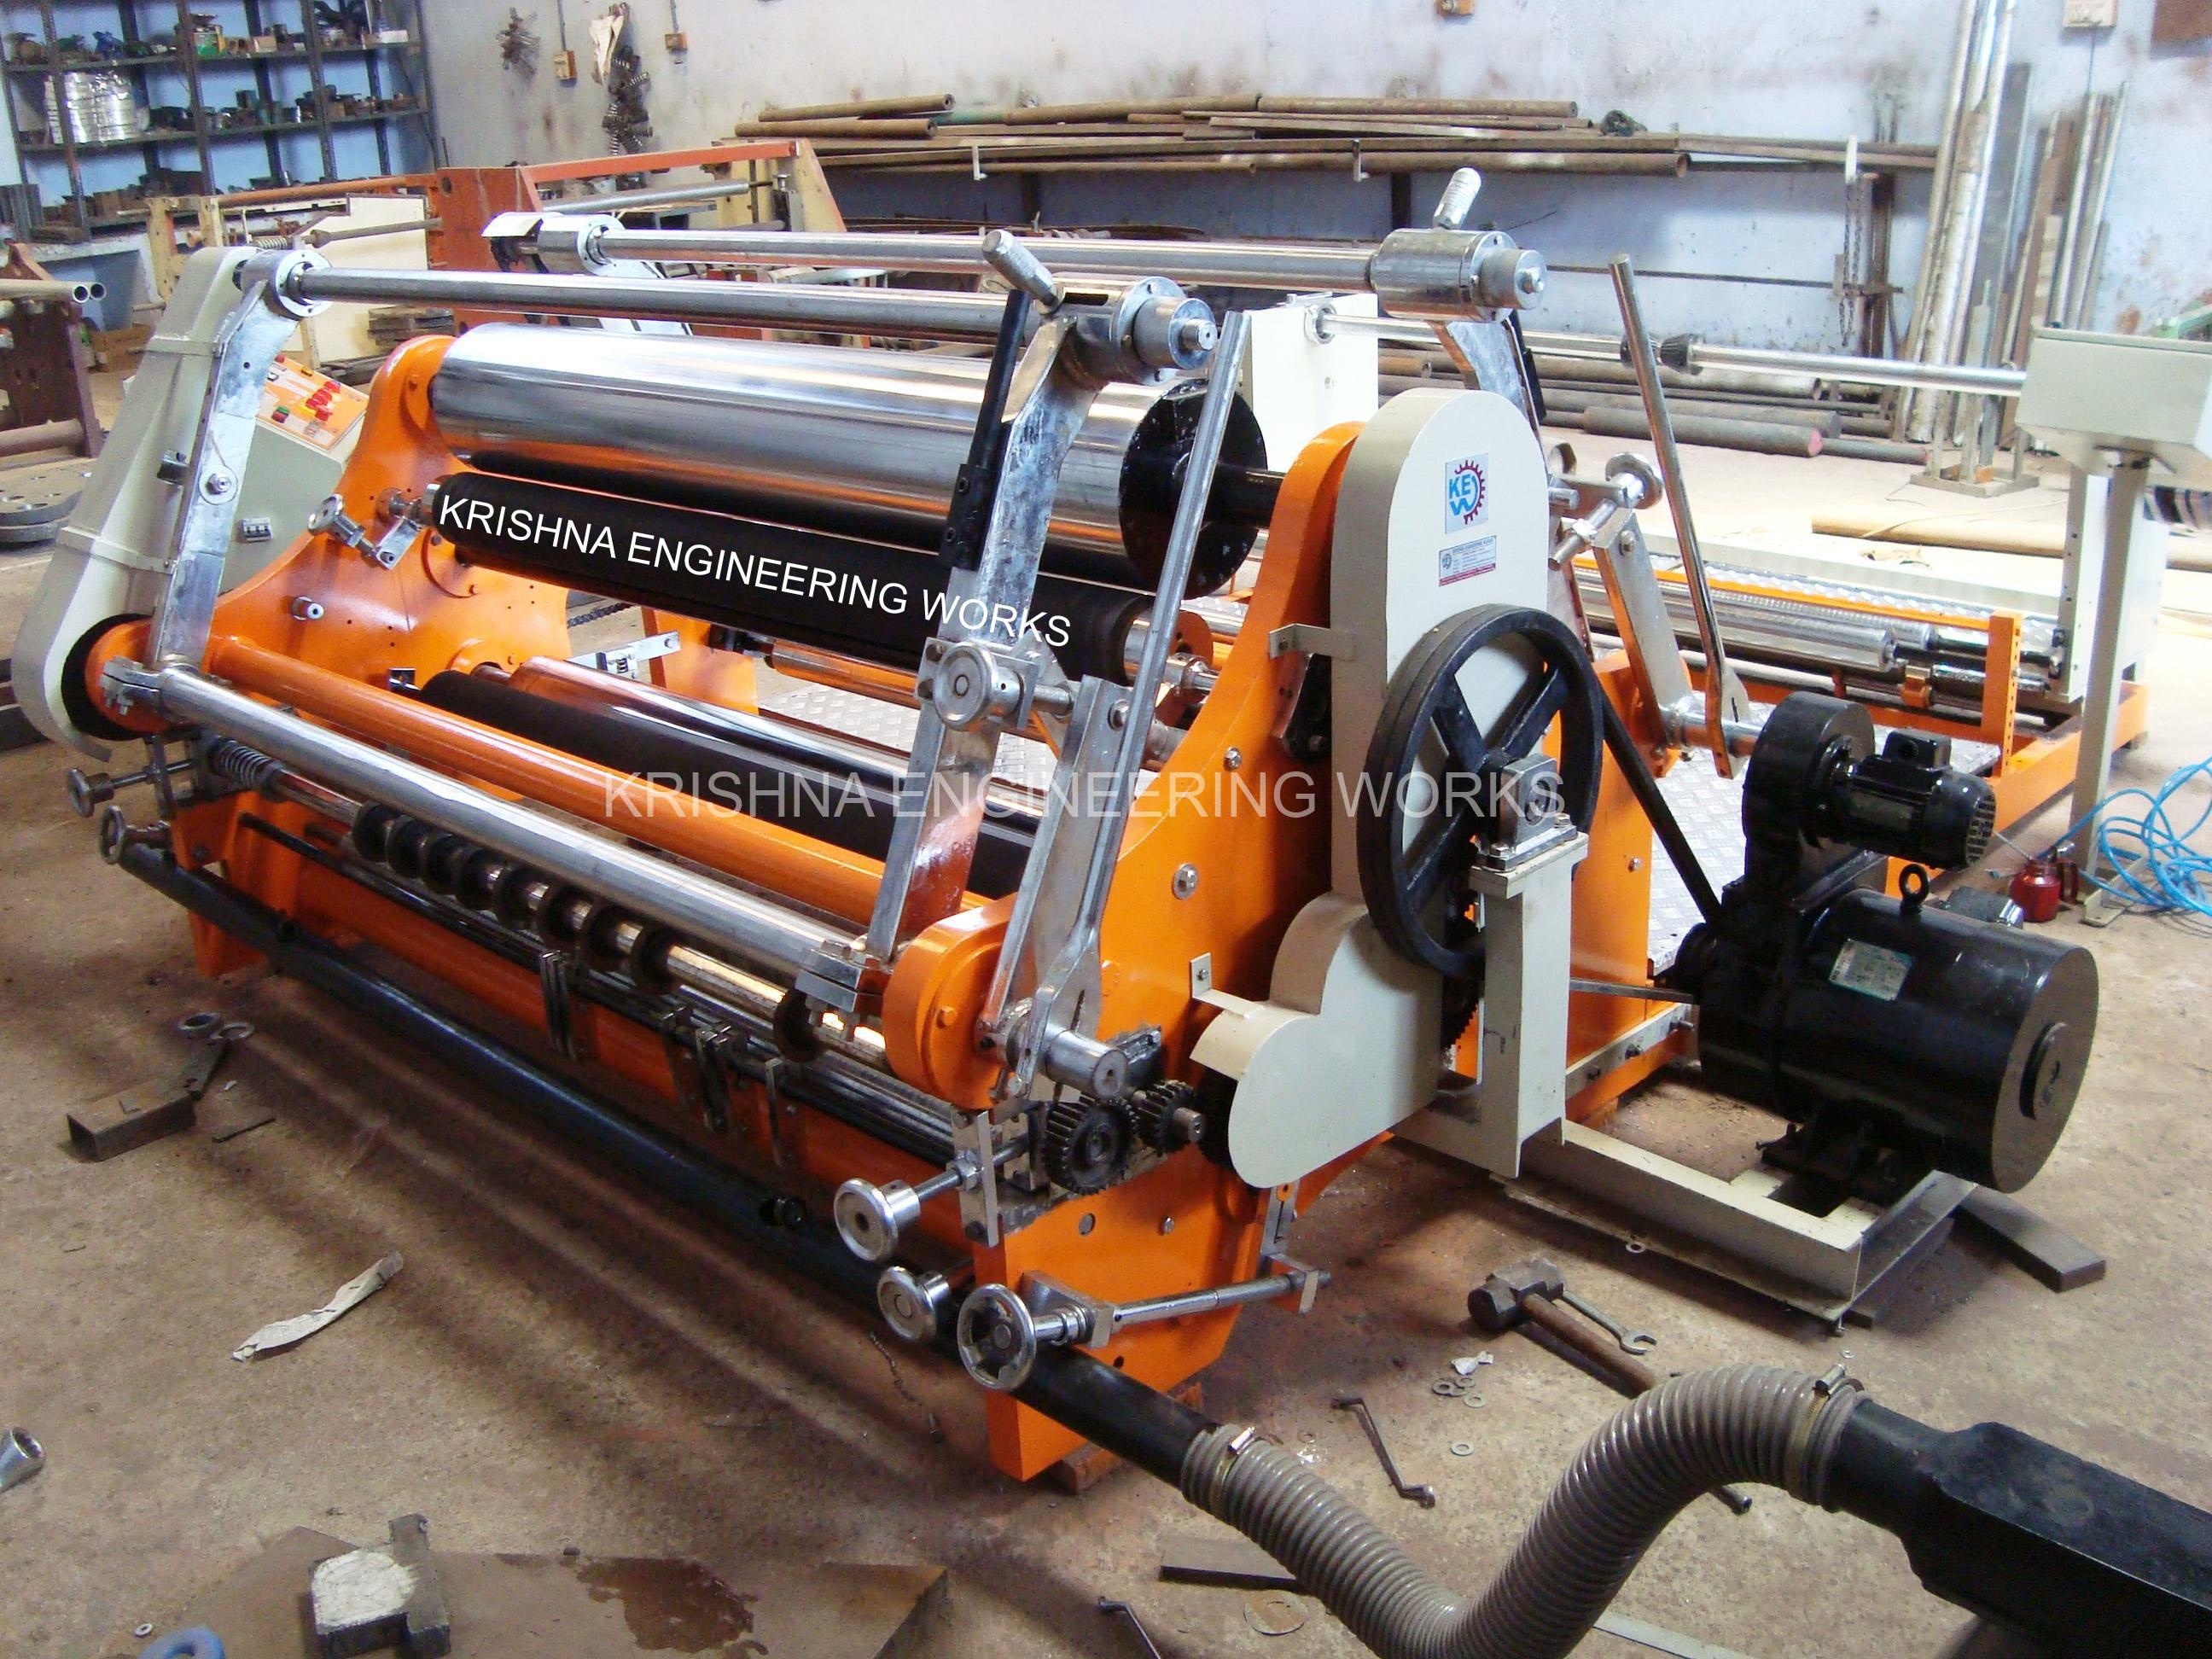 """<a href=""""http://www.krishnaengineeringworks.com.mx/maquina-de-rebobinadora-de-la-cortadora/"""">Máquina de Rebobinadora de la Cortadora</a>"""